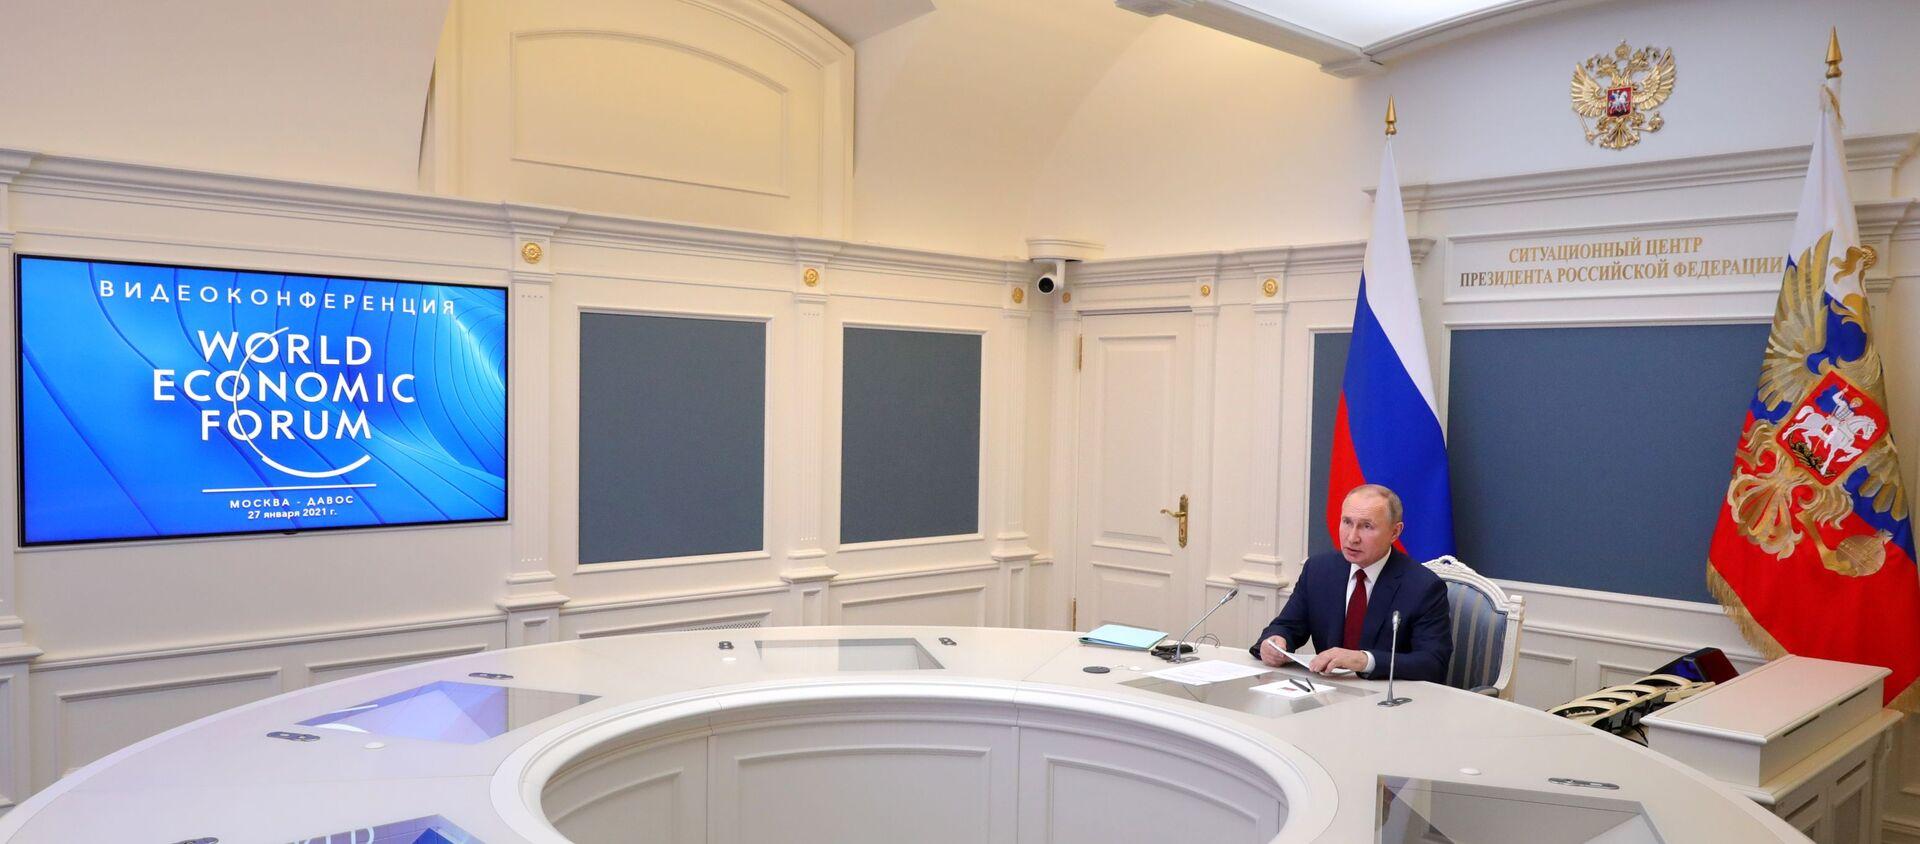 Vladímir Putin, presidente de Rusia, en el Foro Económico Mundial de Davos - Sputnik Mundo, 1920, 27.01.2021